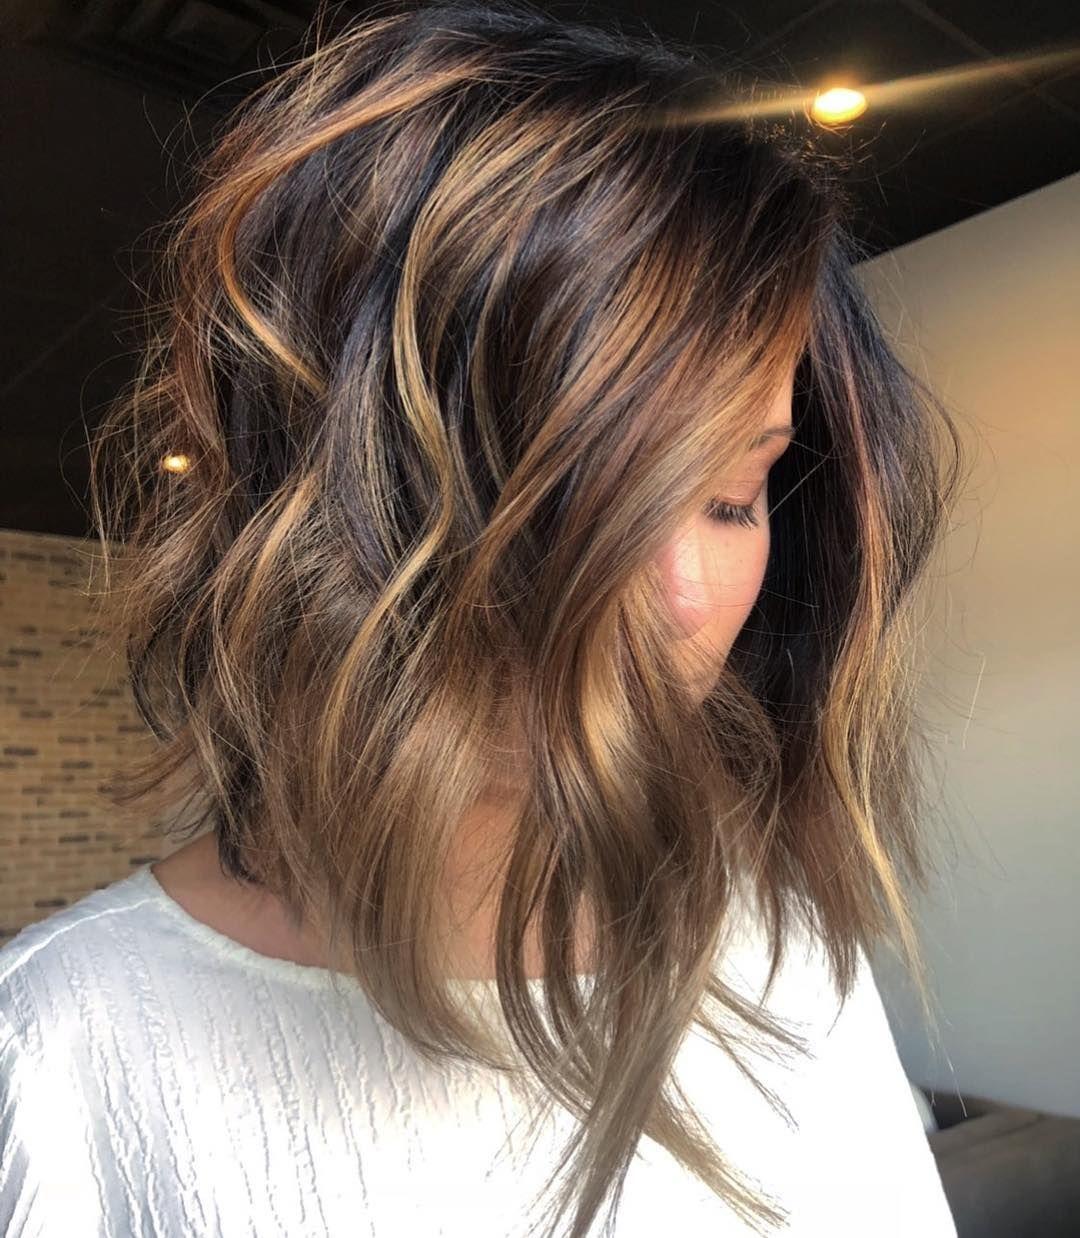 Окрашивание волос 2020 фото 10